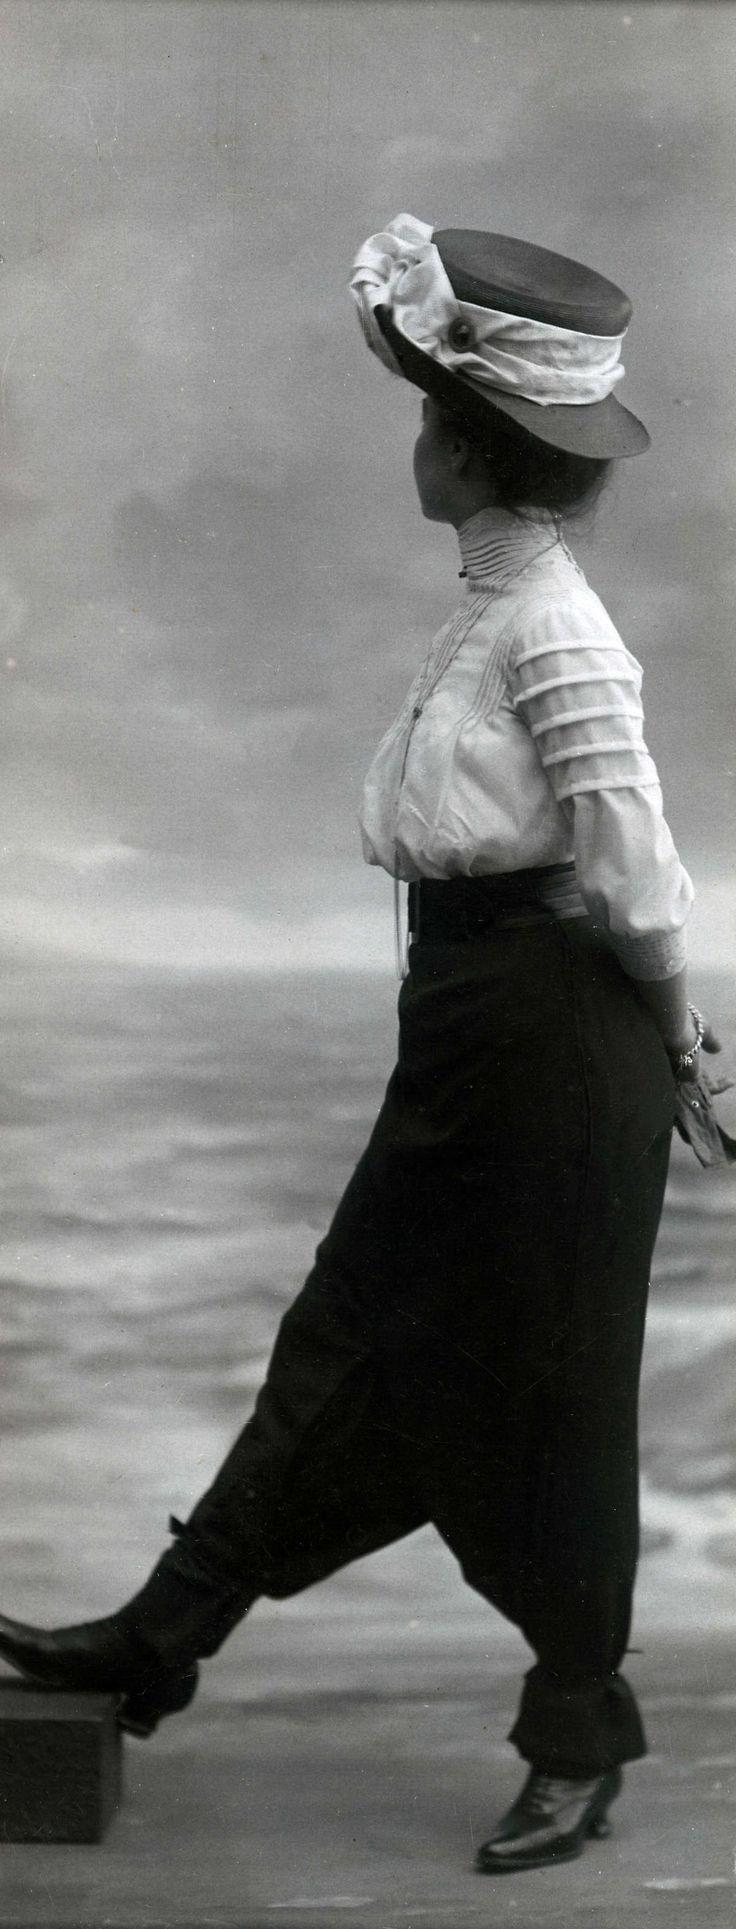 14-11-11  Damesmode. Model toont een broekrok met hoge taille en een mousseline blouse met hoge hals en een hoed. Zonder plaats, 1911.